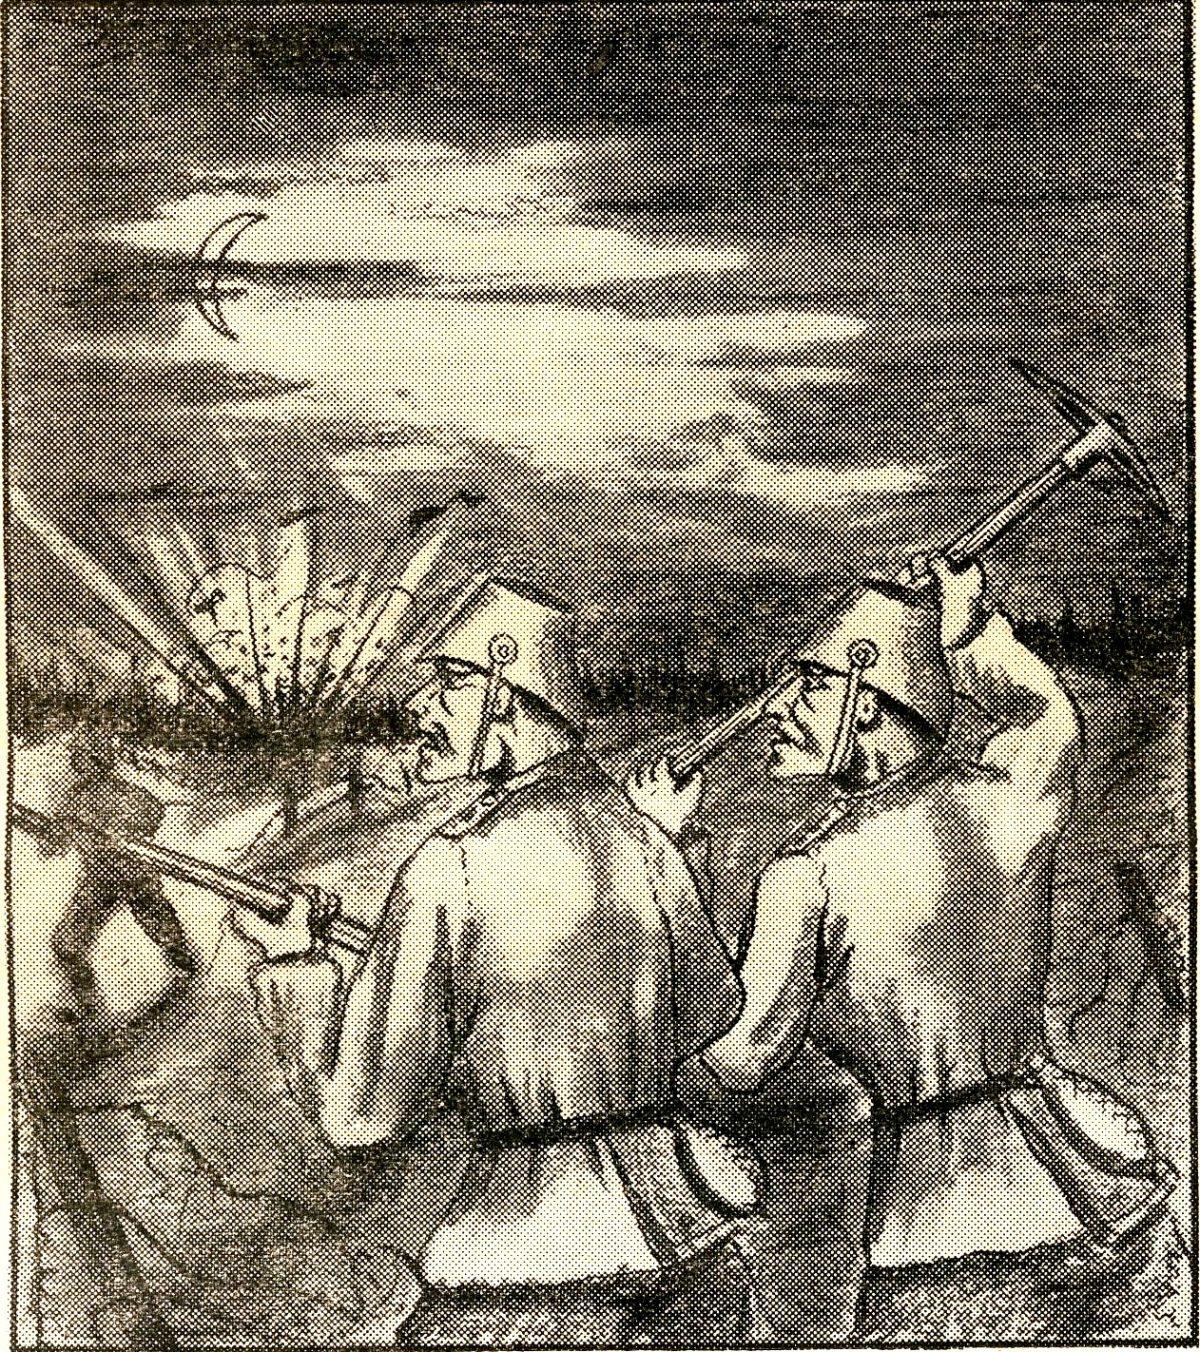 Piirroskuva Schmardenin taistelusta.